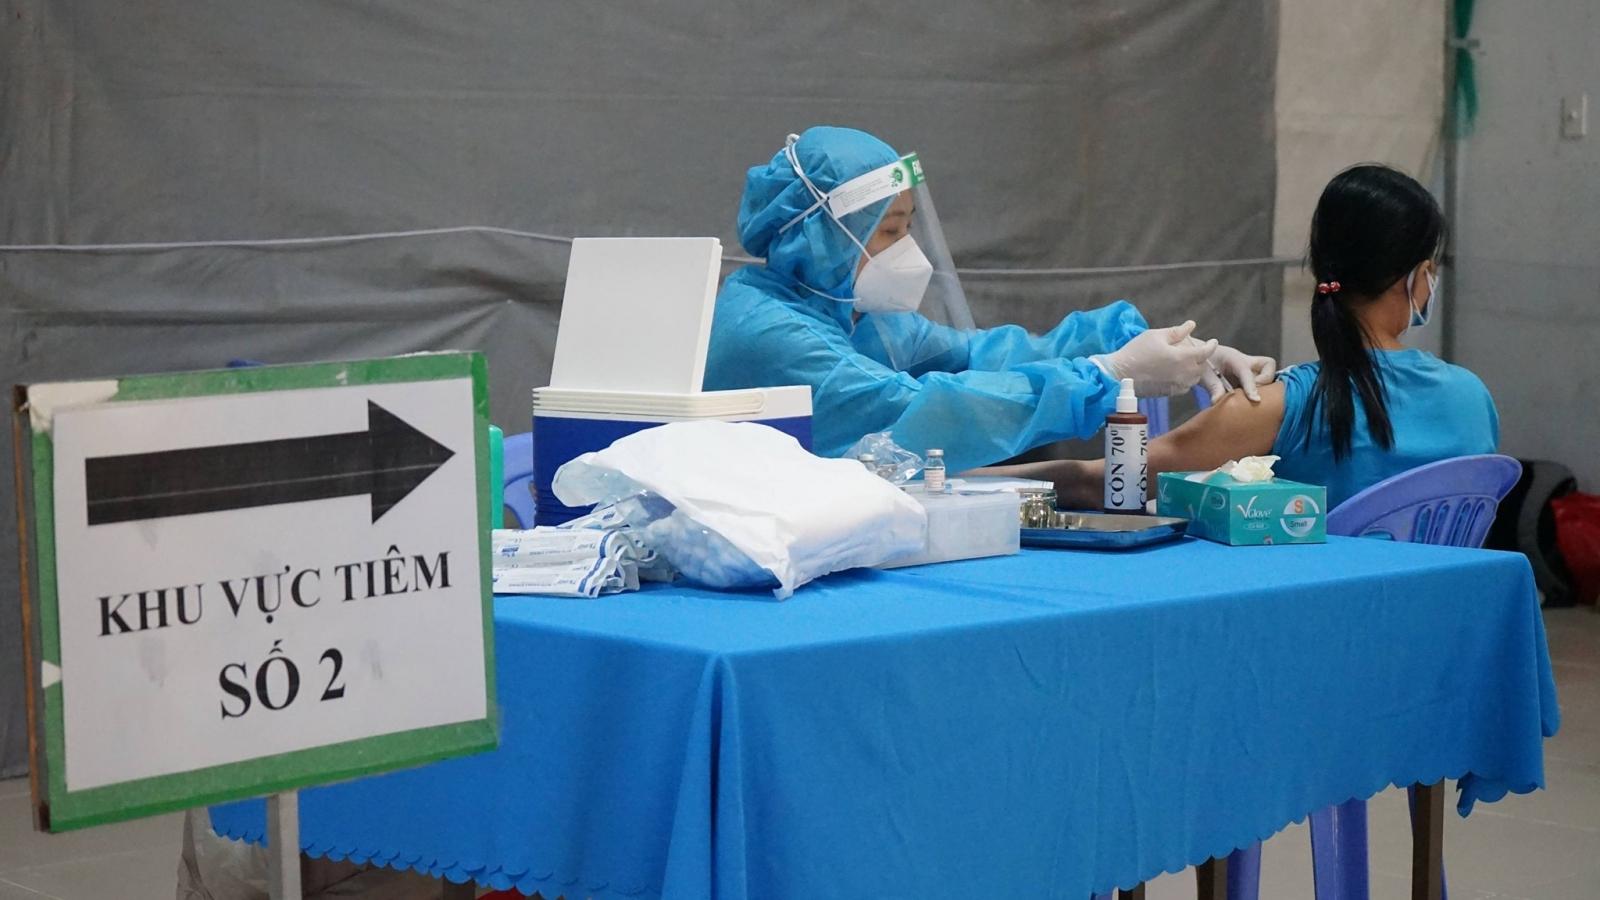 TP. HCM được Bộ Y tế phân bổ vaccine nhiều nhất với hơn 4 triệu liều